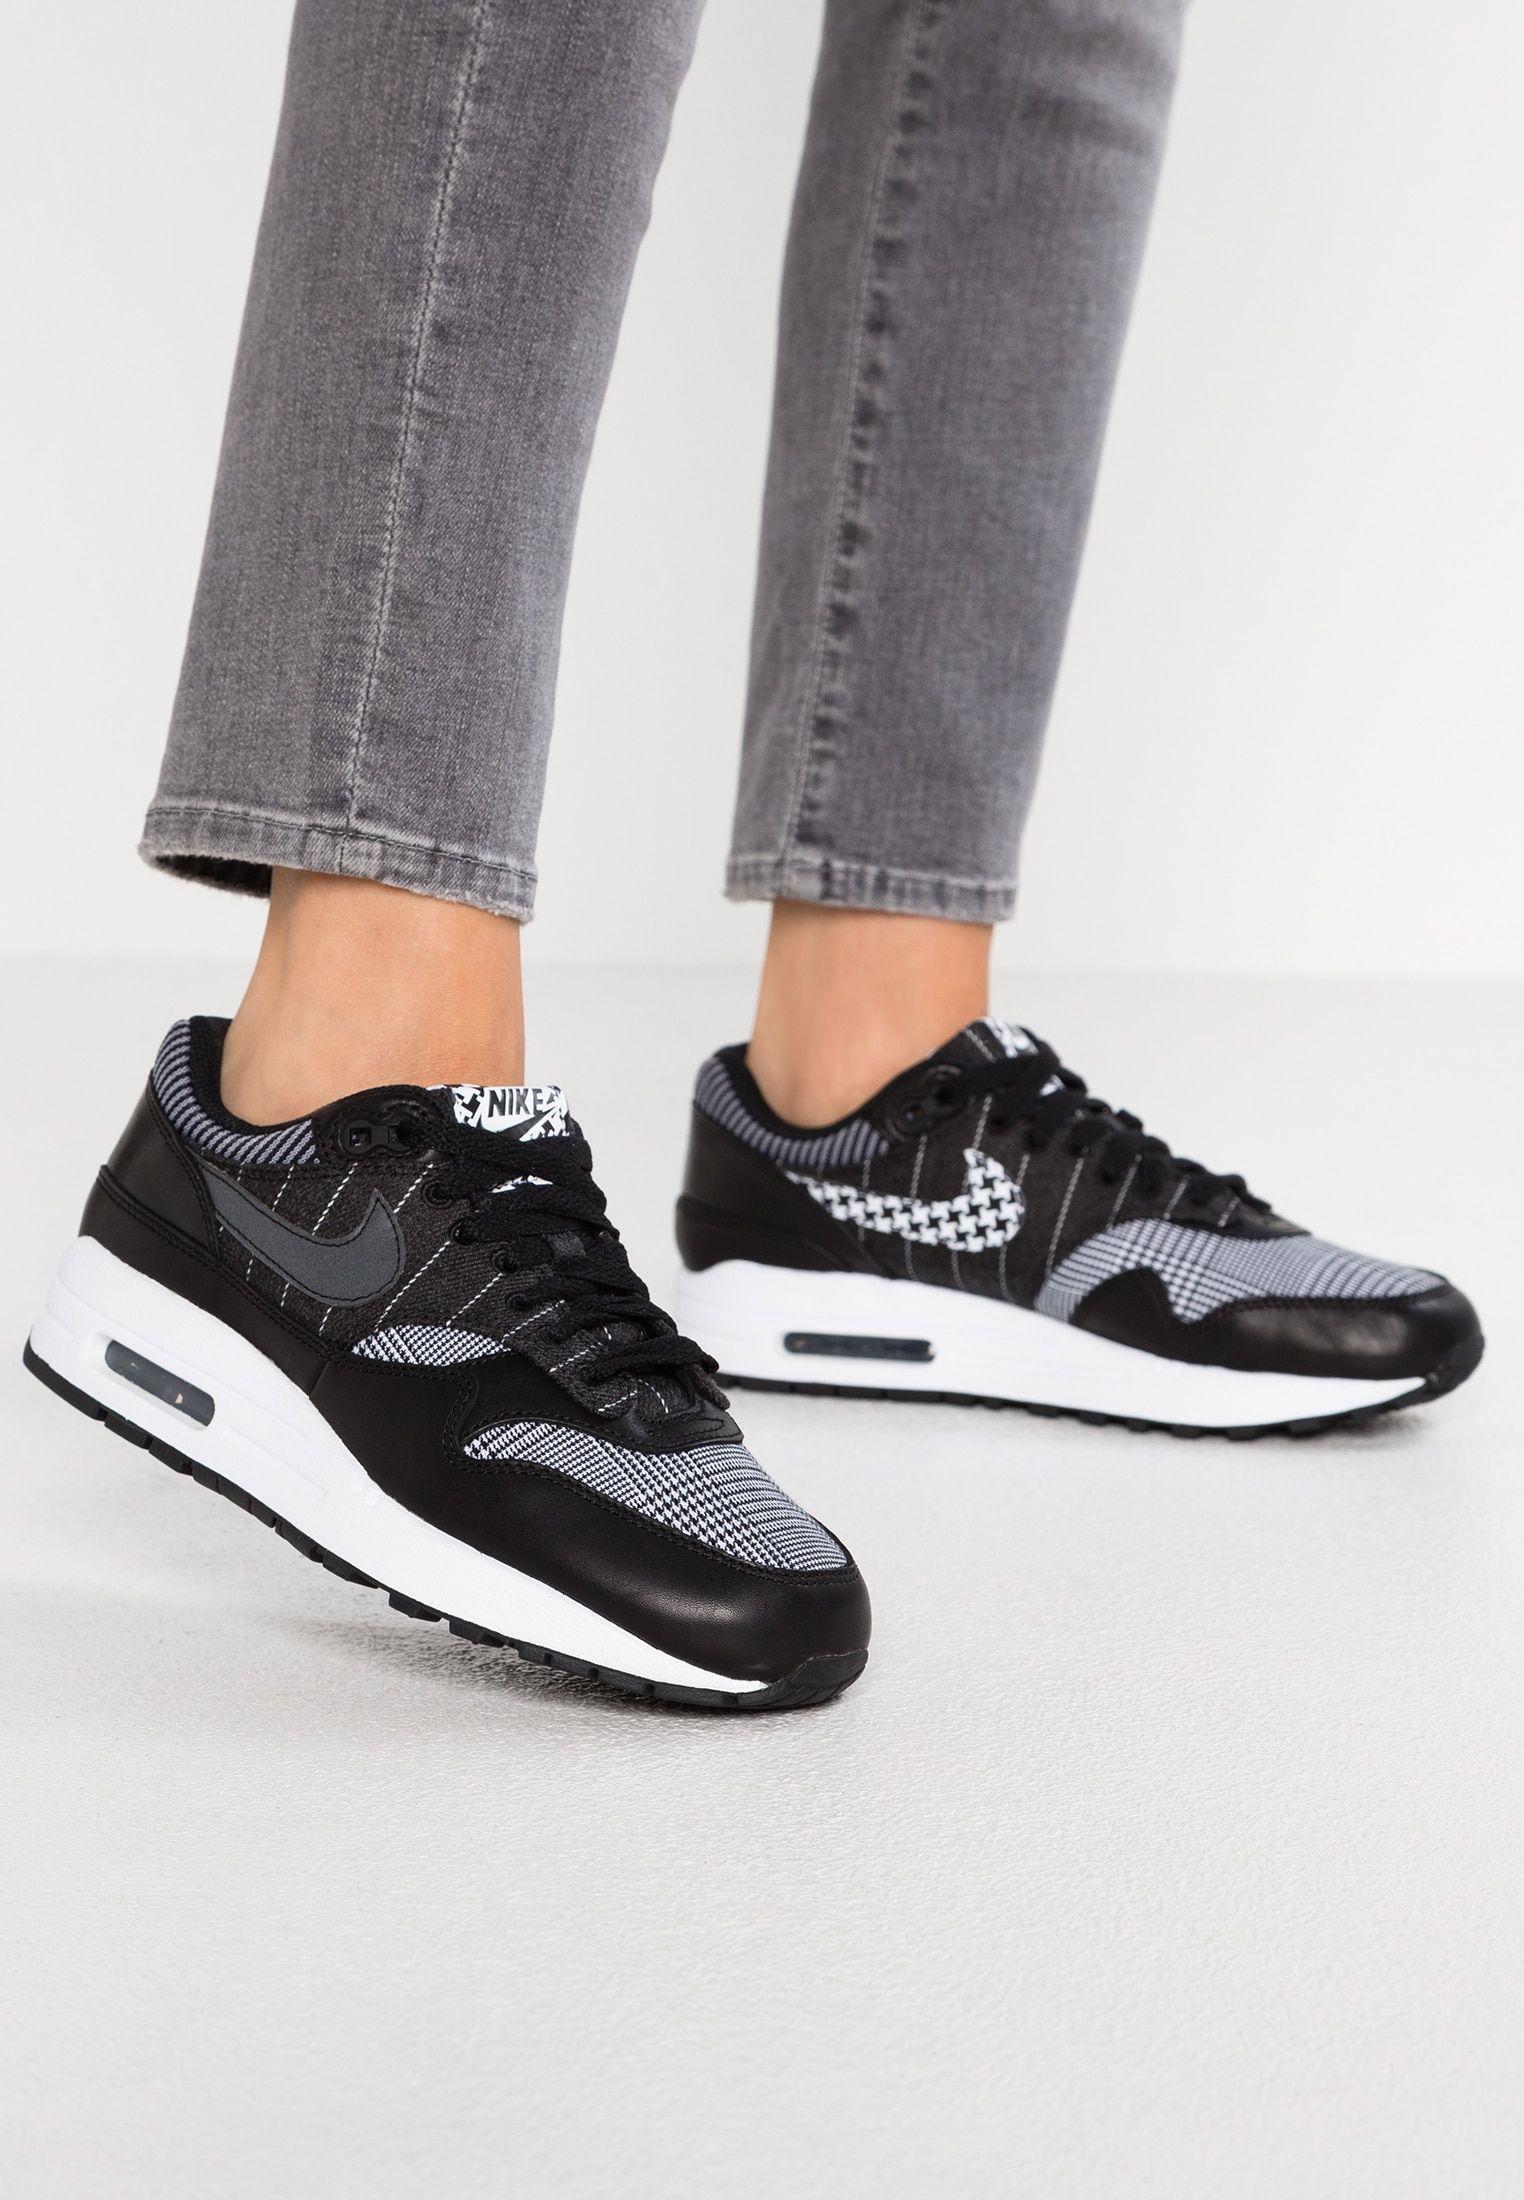 meet 76550 d43e8 Nike Sportswear AIR MAX 1 - Sneakers laag - black white - Zalando.nl